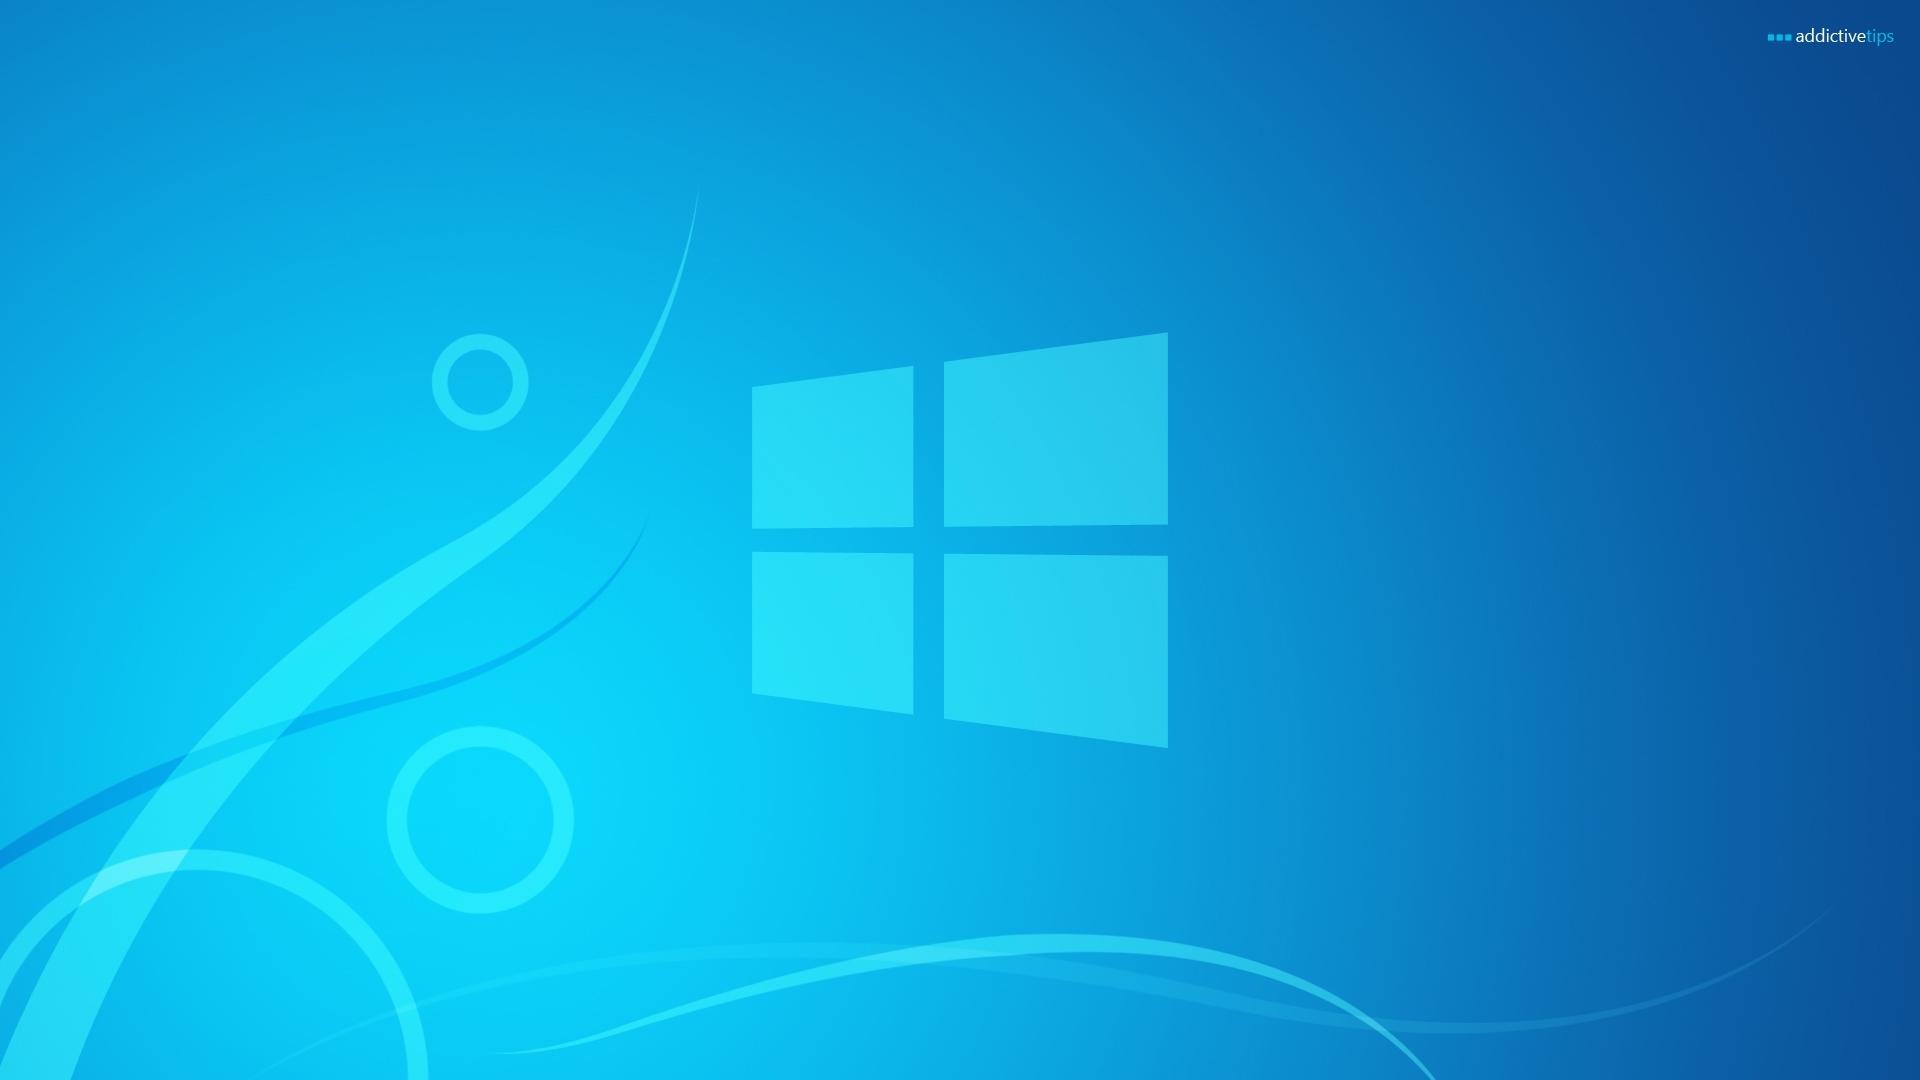 windows 8 wallpaper 2456 1920x1080 px ~ hdwallsource